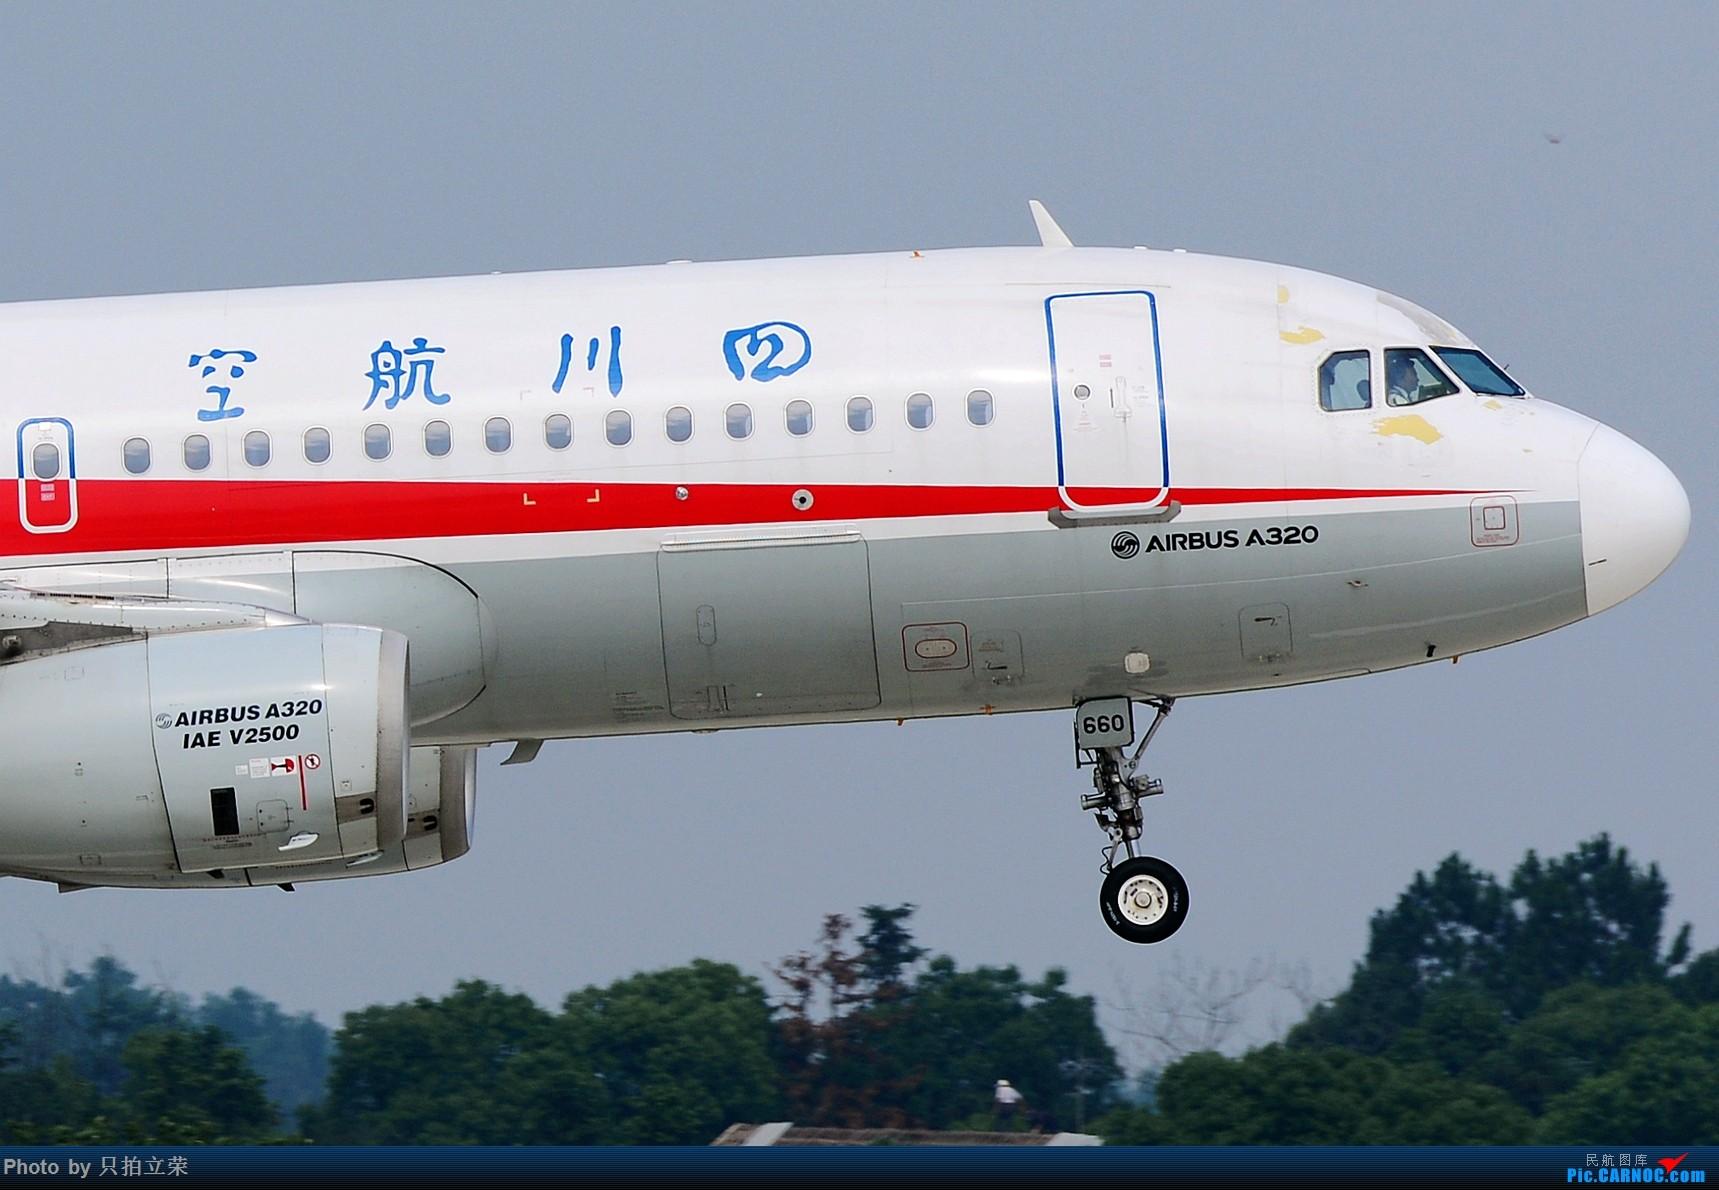 Re:[原创]湖南飞友会:今天首次拍到山东MAX,另外搞个山东小专辑 AIRBUS A320-200 B-1660 中国长沙黄花国际机场